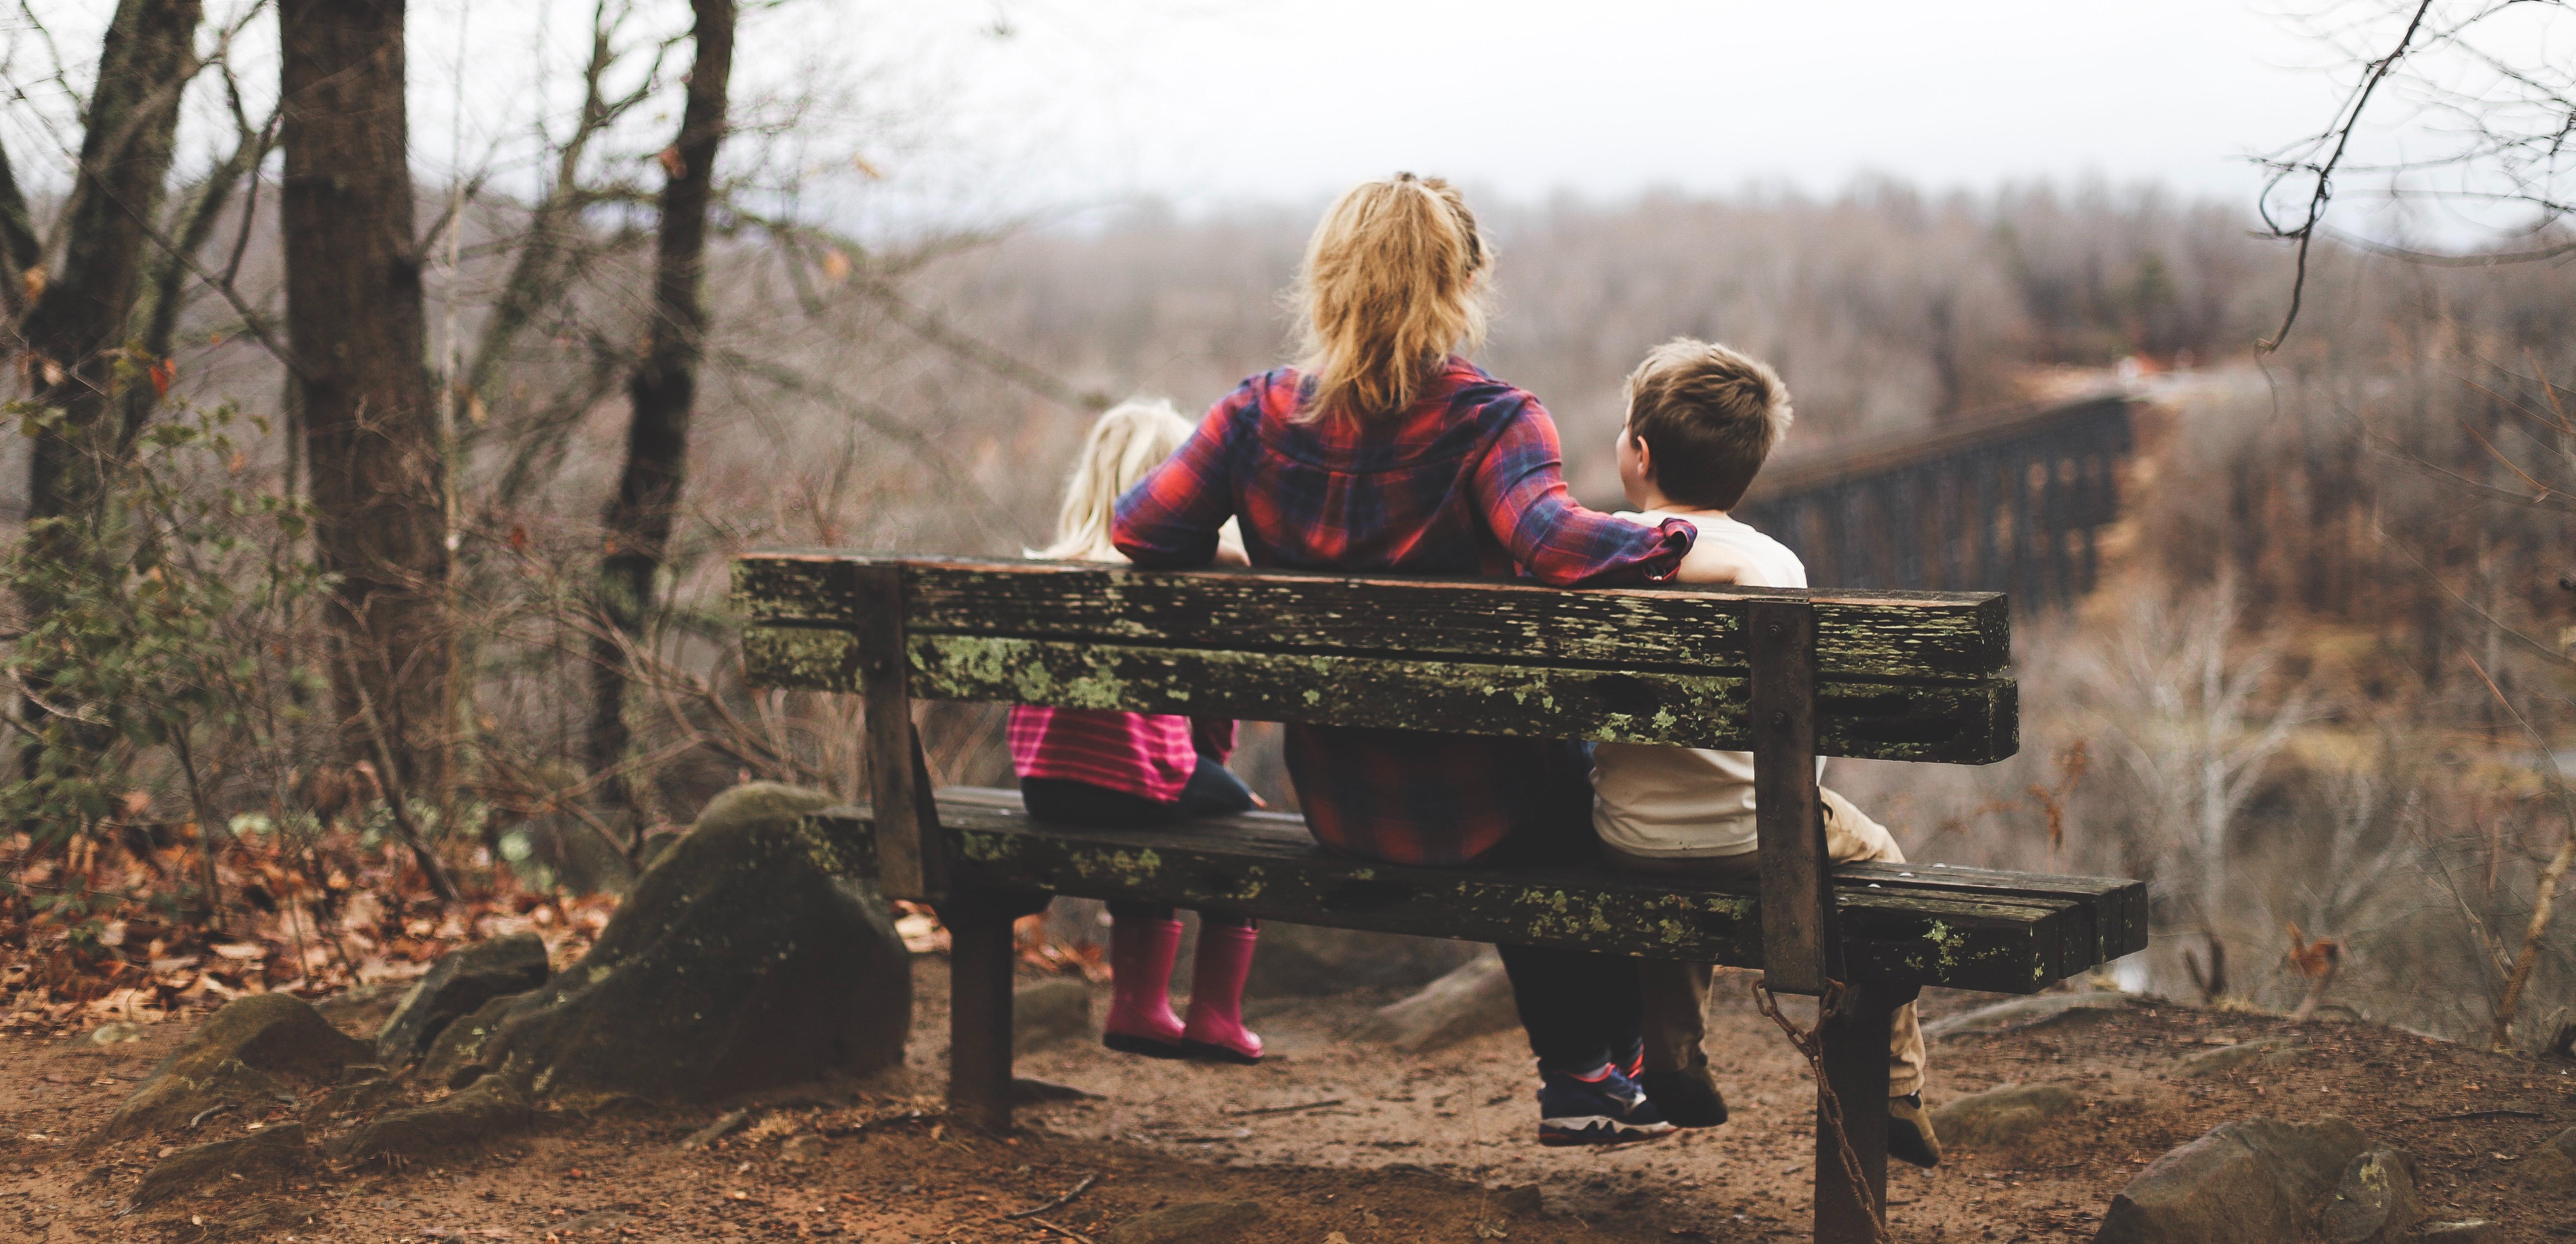 Dete ostaje bezbedno kada nešto što ga muči kaže roditeljima i kada ga oni razumeju.